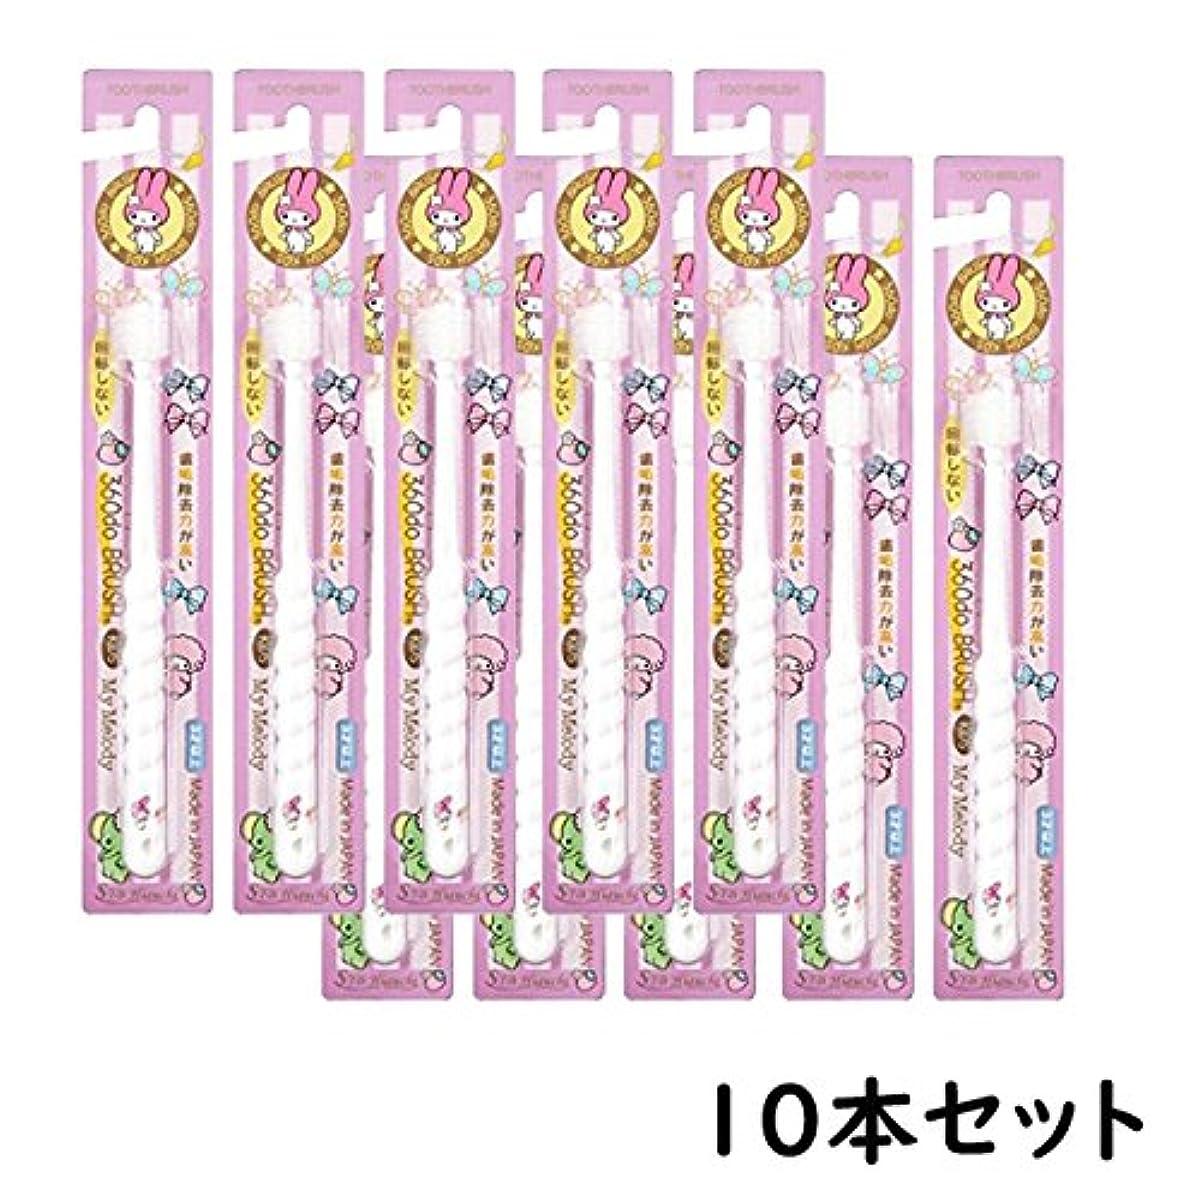 杖取り除く限りなく360度歯ブラシ 360do BRUSH たんぽぽの種キッズ マイメロディ (10本)